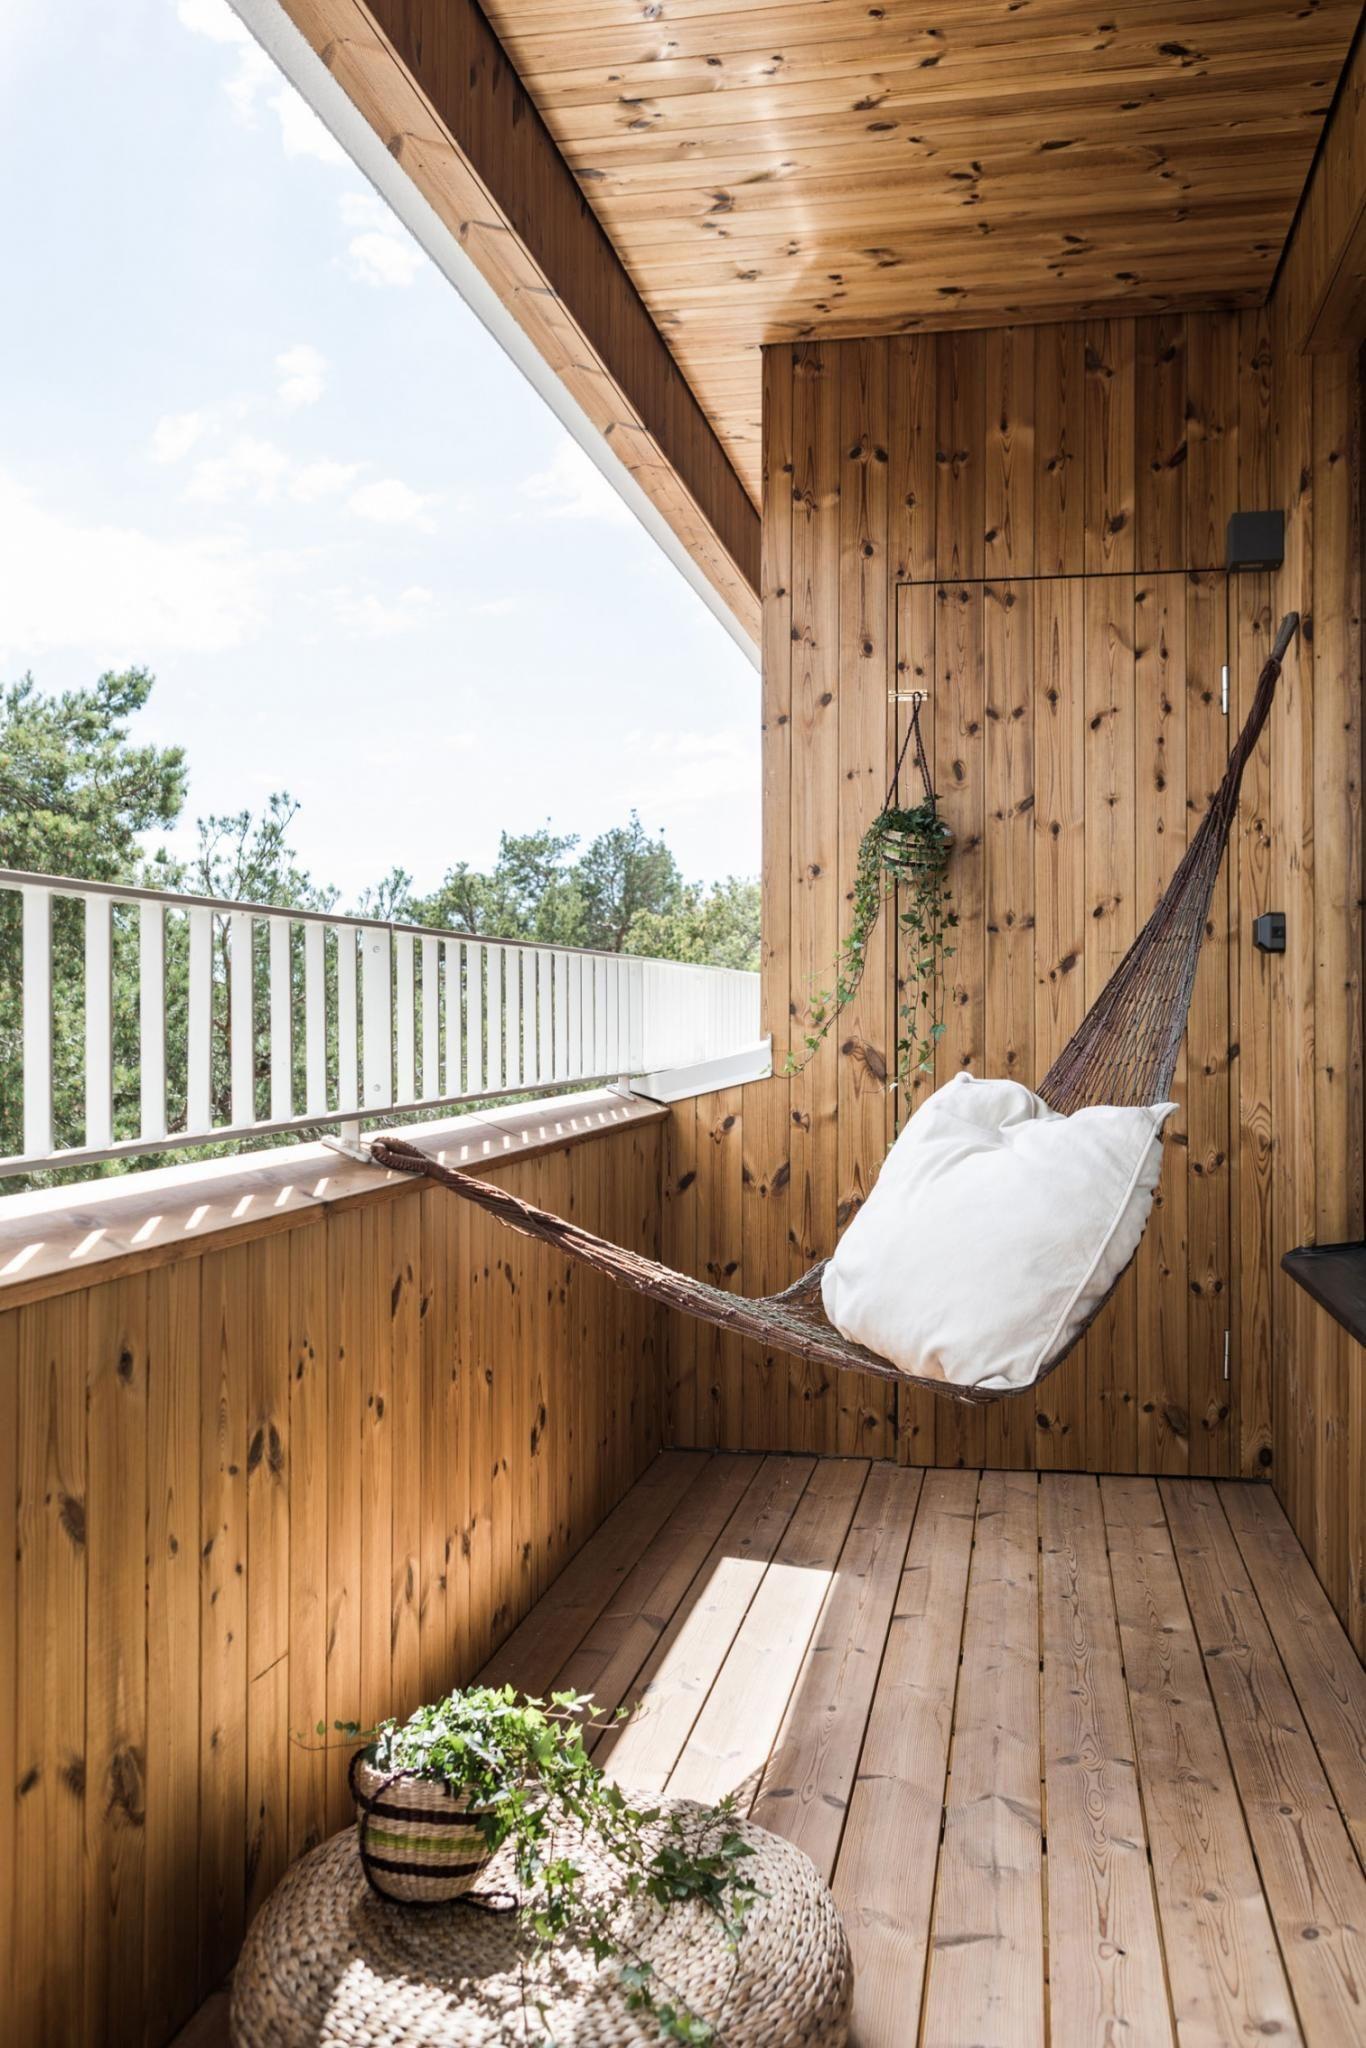 Une maison contemporaine en bois avec patio - PLANETE DECO a homes ...